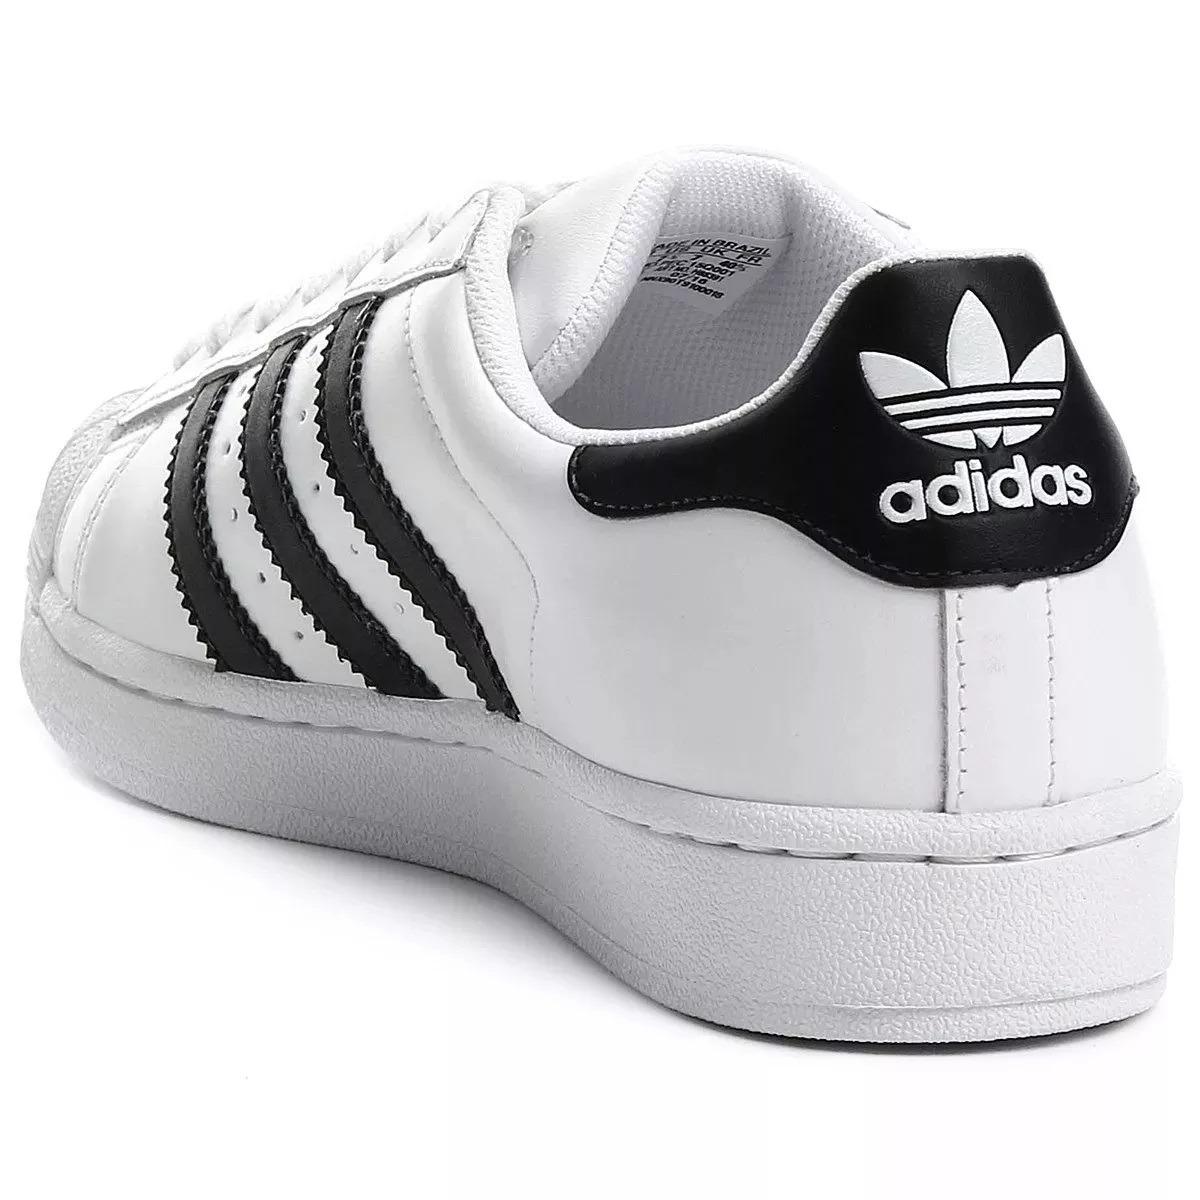 tenis adidas originals superstar branco entrega rápida. Carregando zoom. 7895c5cb79bee